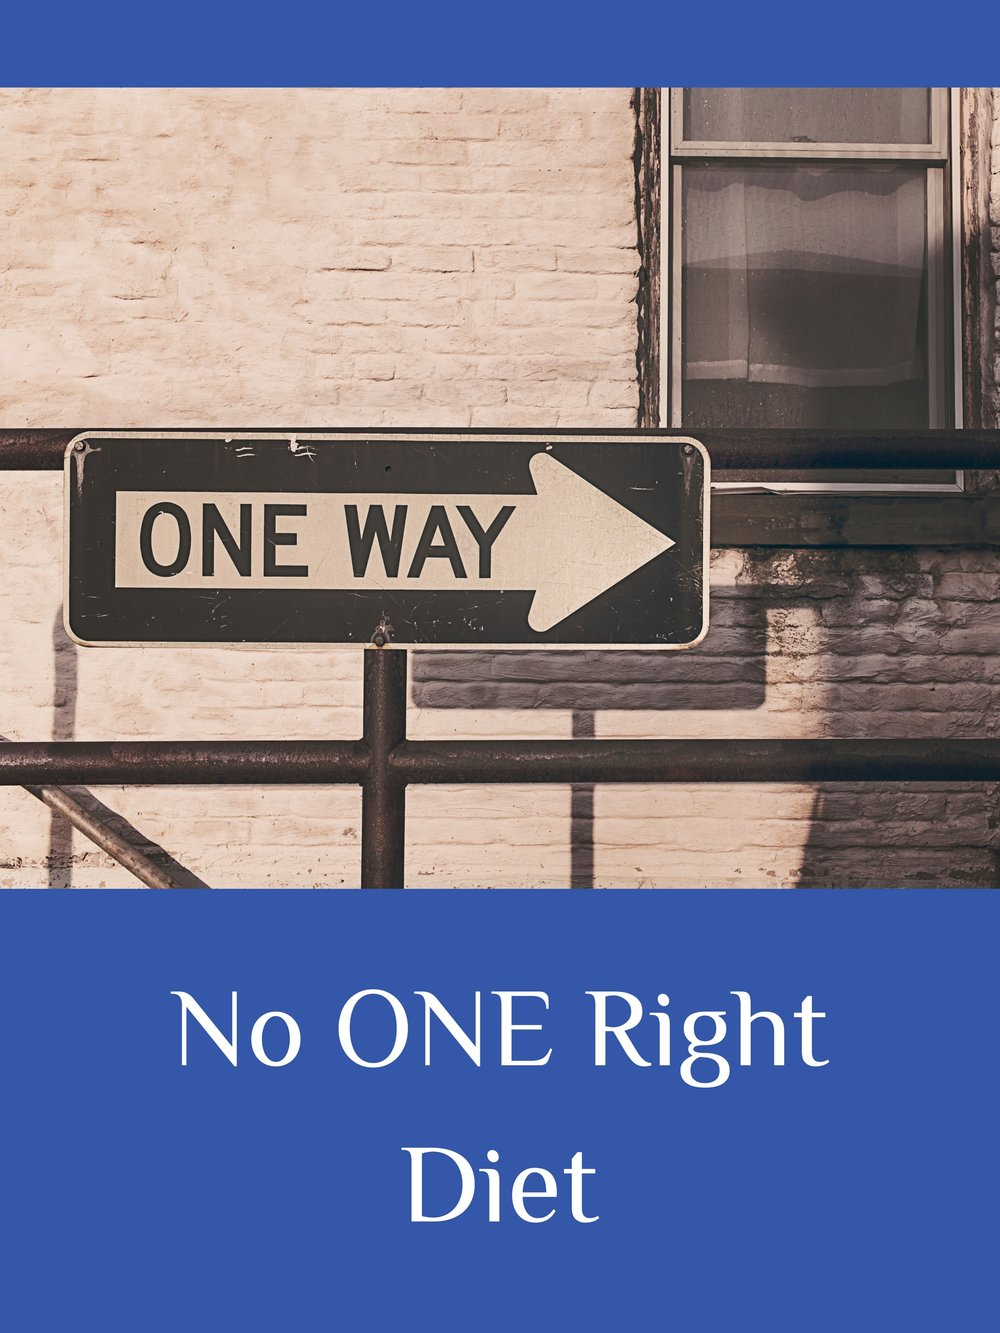 No ONE Right Diet.jpg